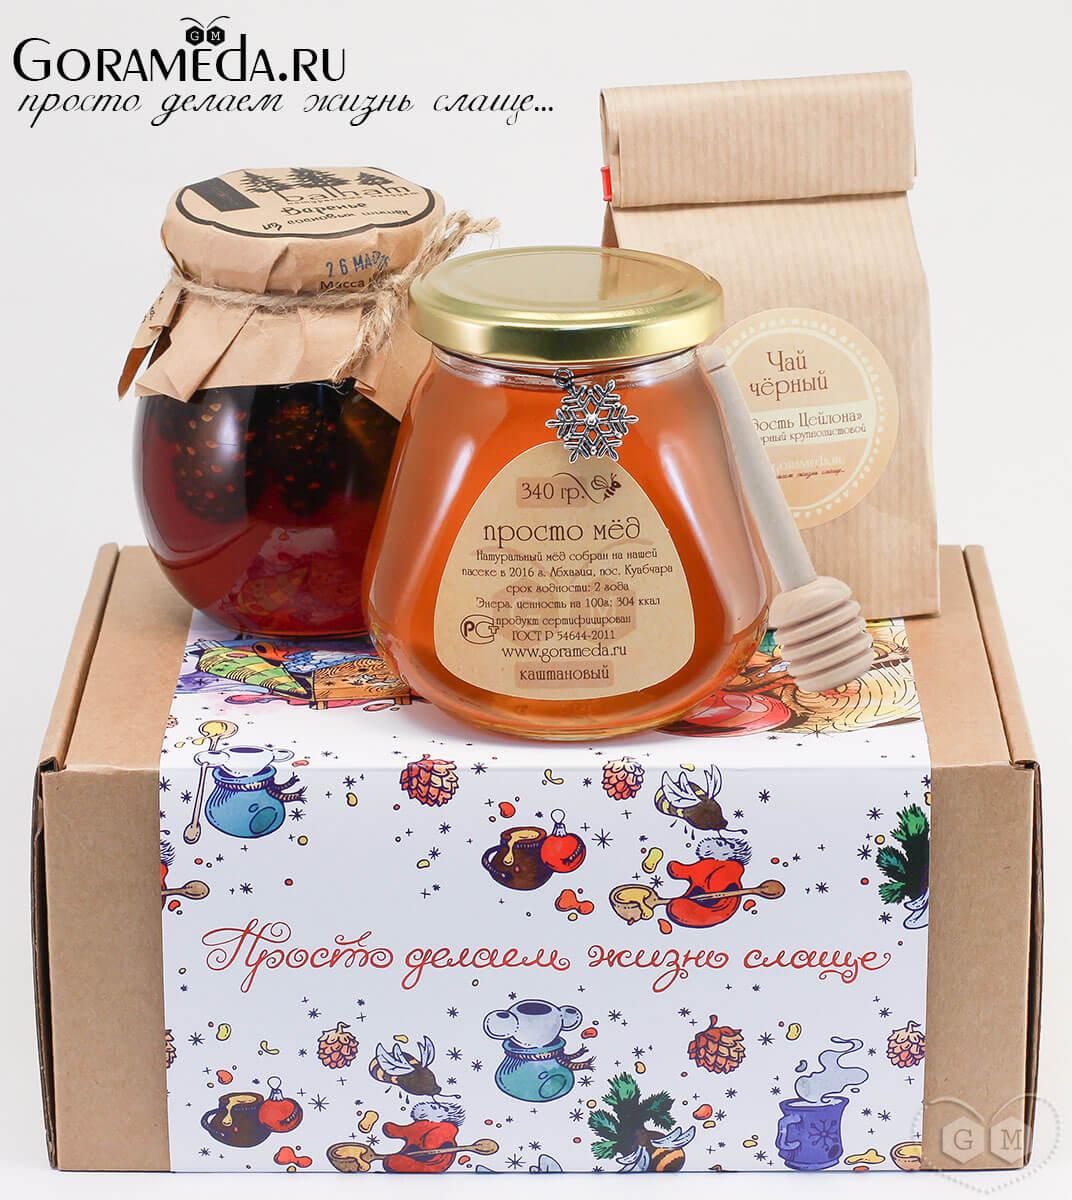 чай с медом и вареньем